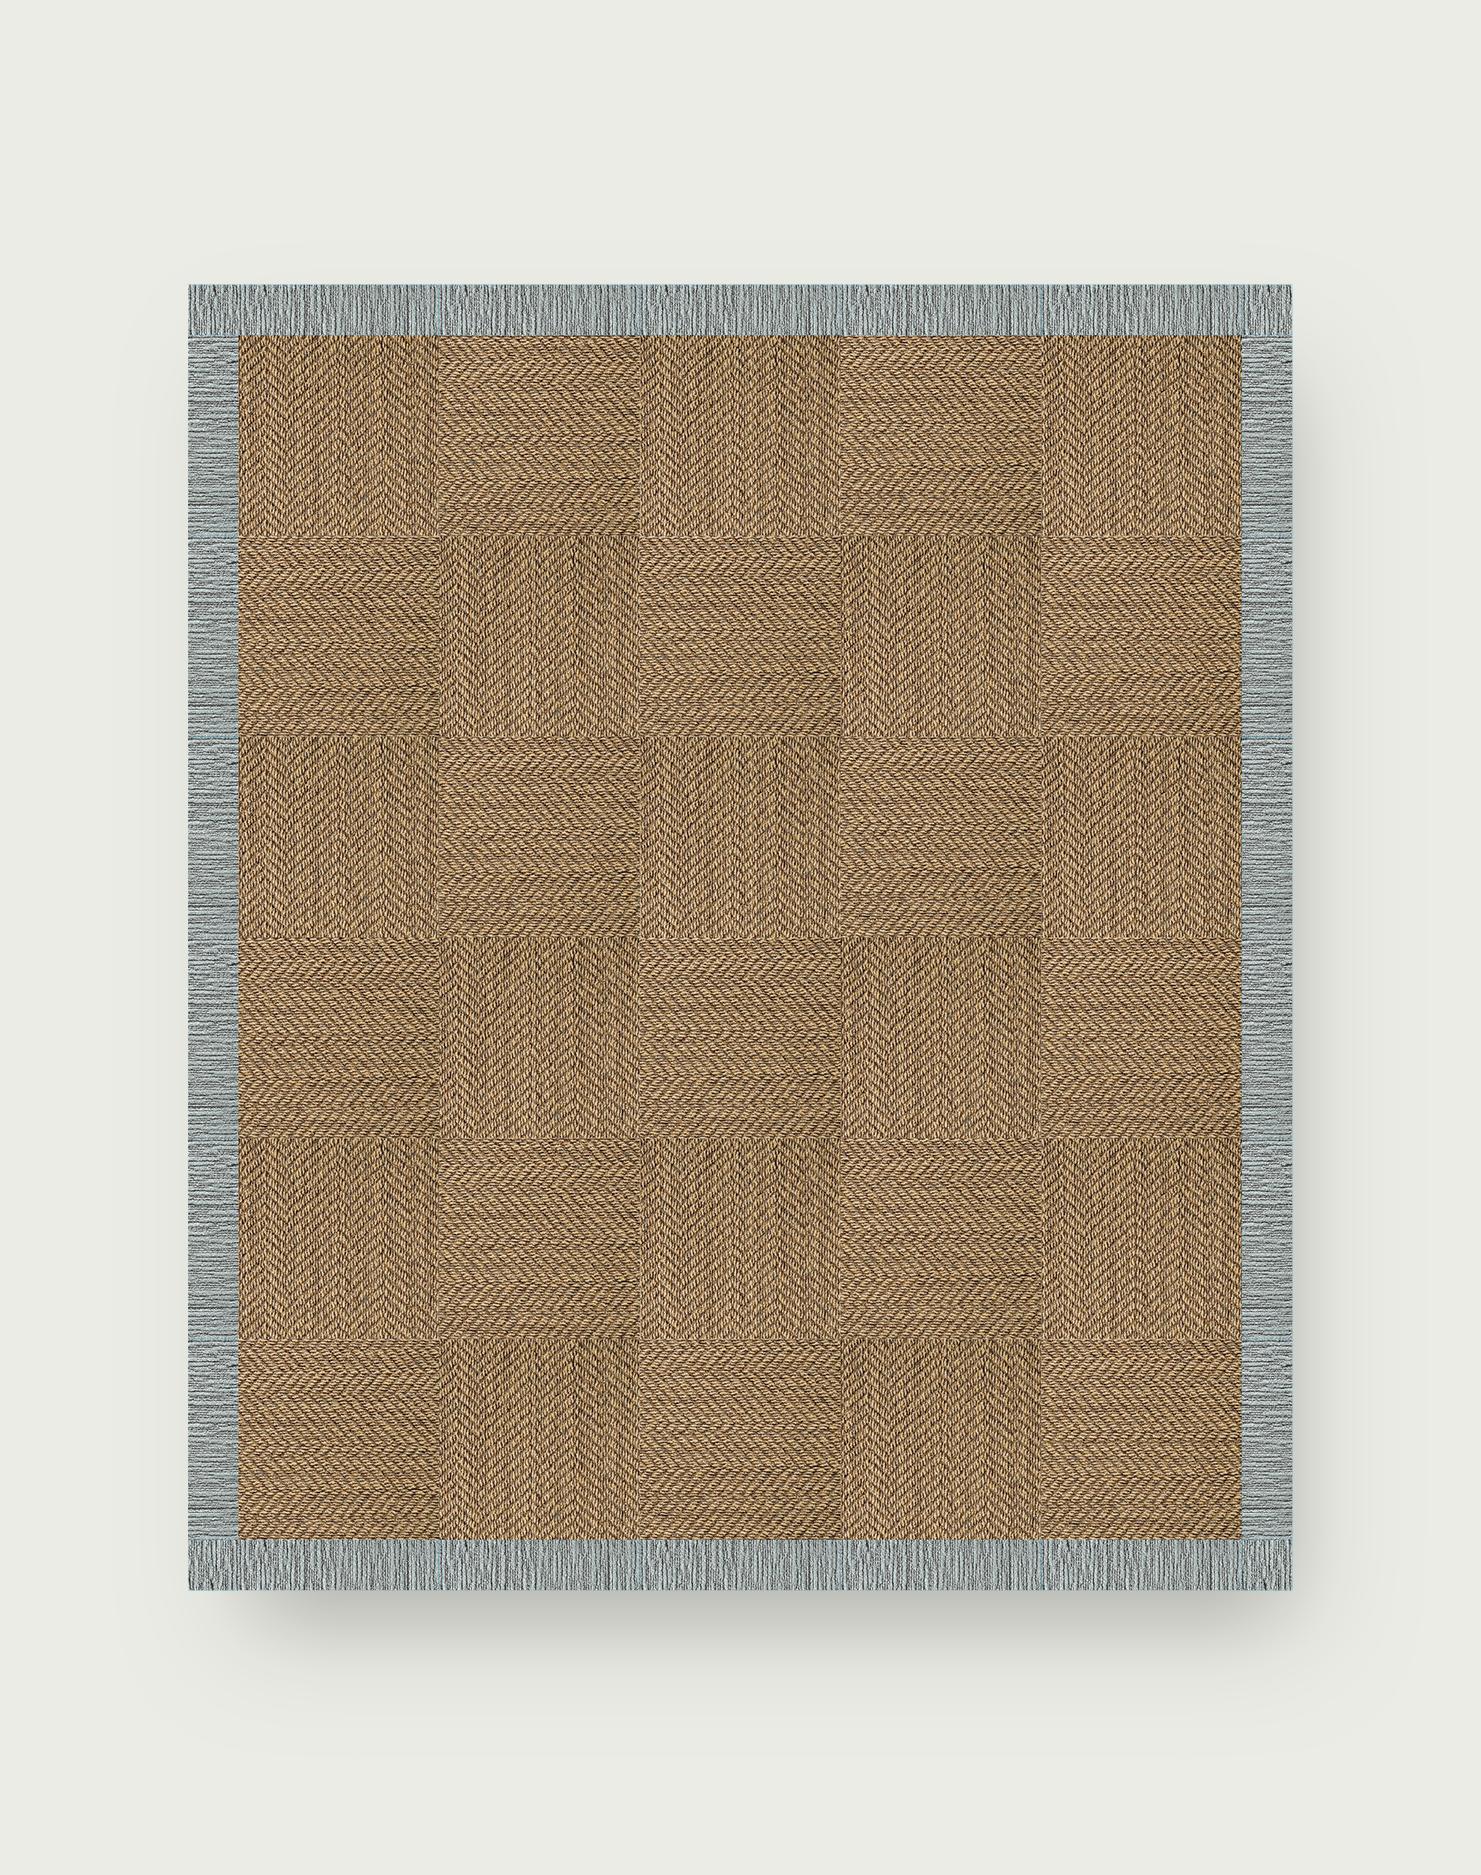 Suit Yourself Quarter Border - Raffia / Flannel Blue - 9x11